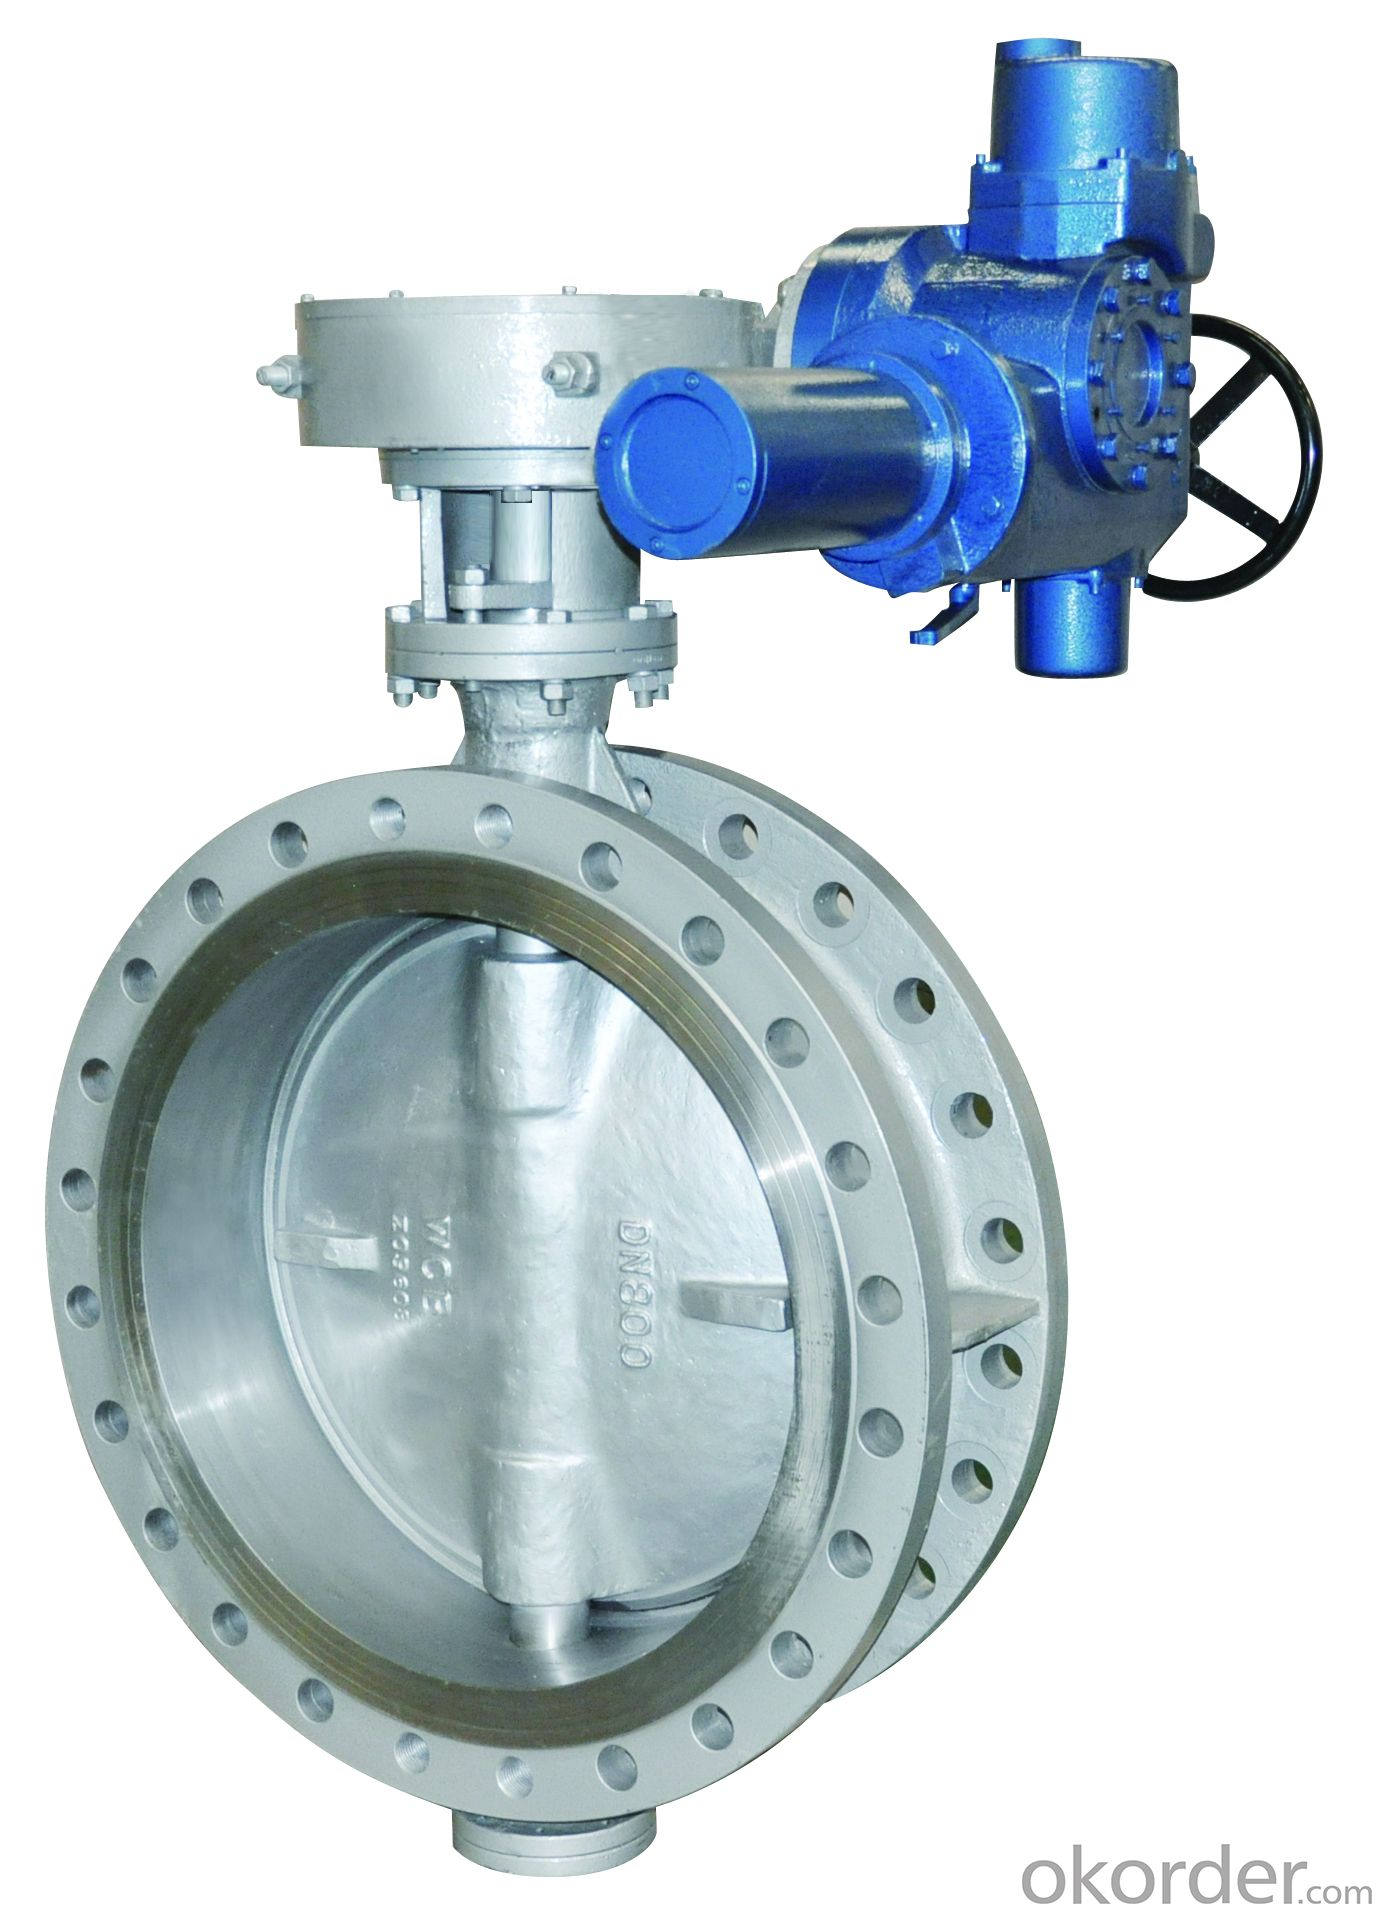 valve of china 6000